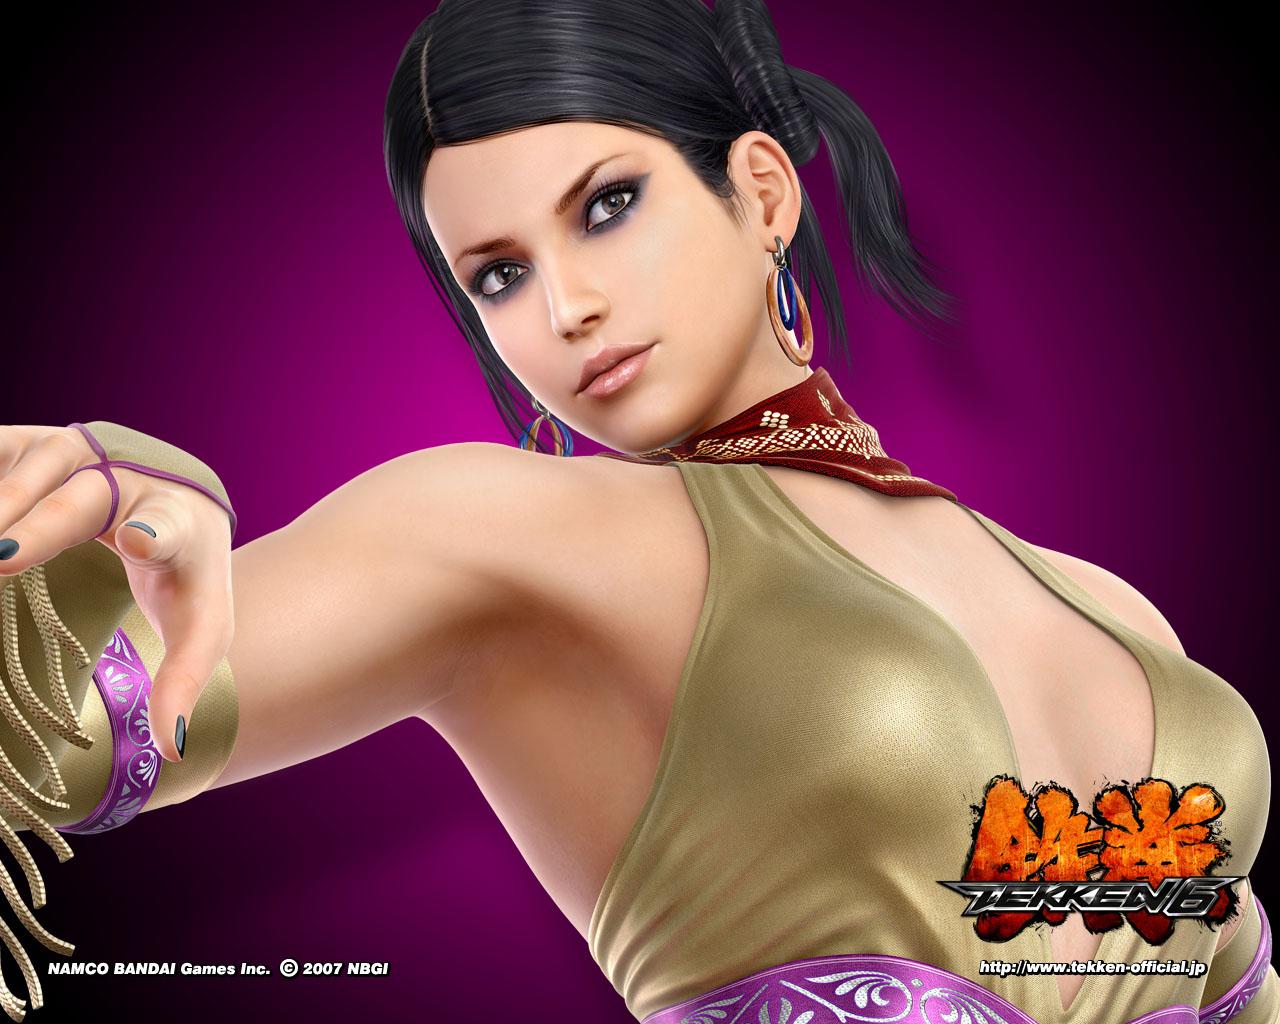 HD Wallpapers Zafina Tekken 6